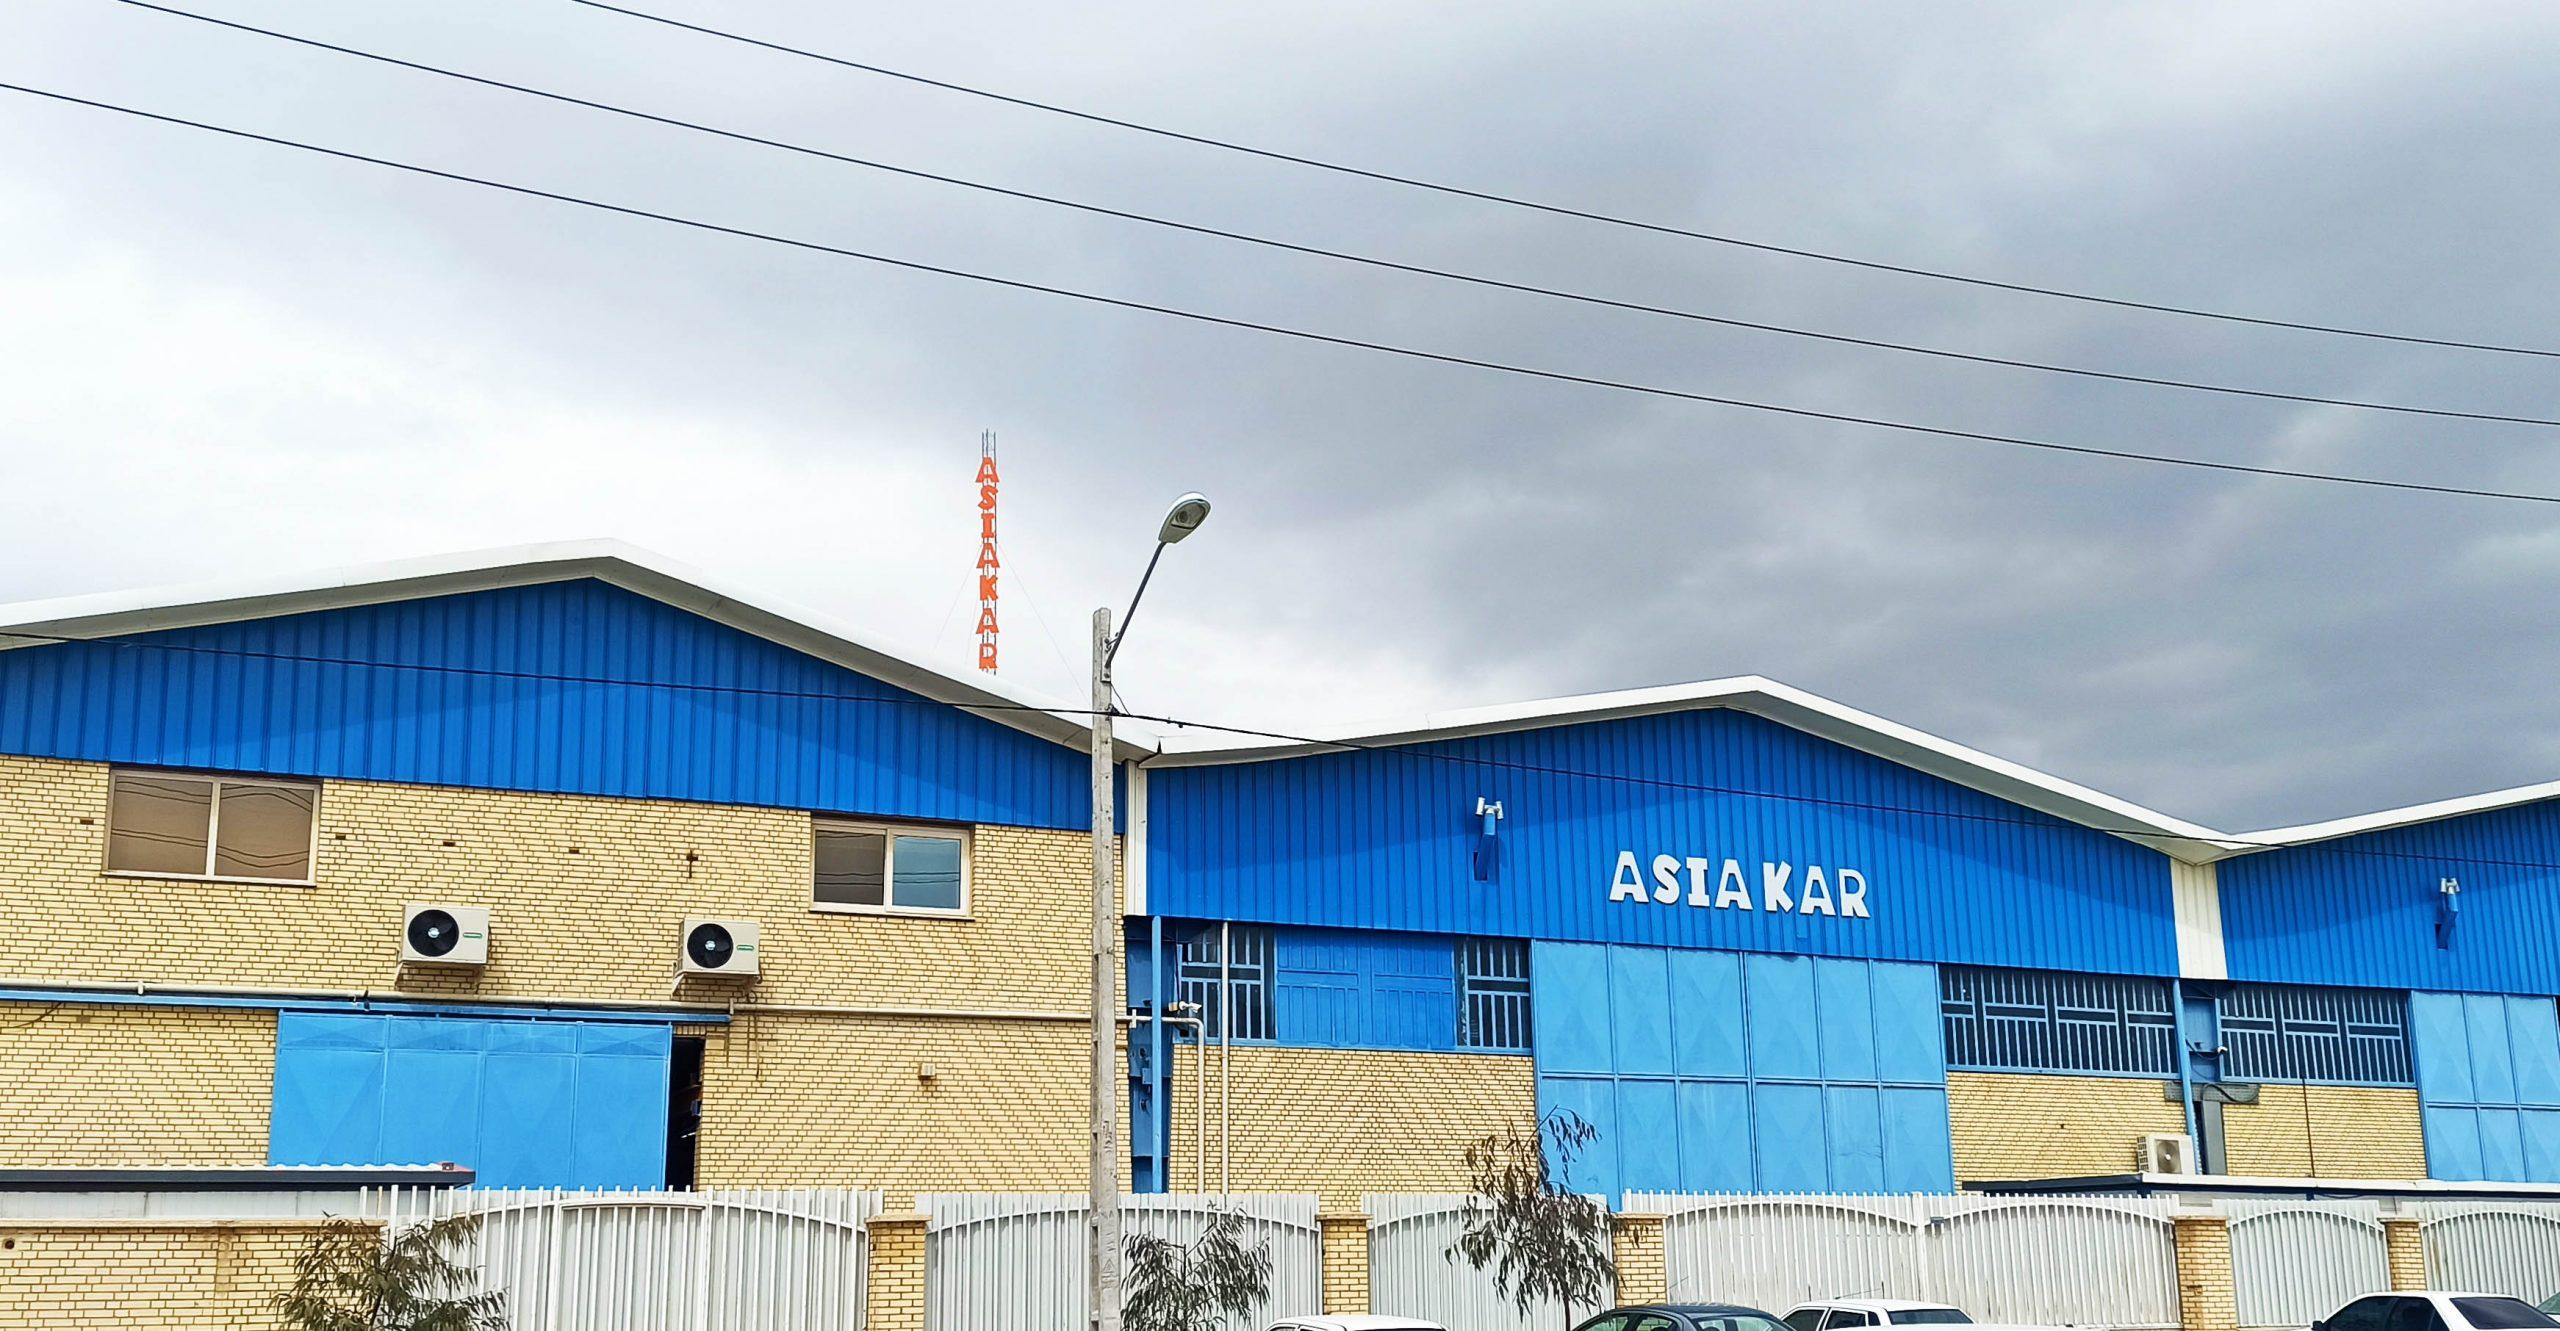 شرکت آسیاکار